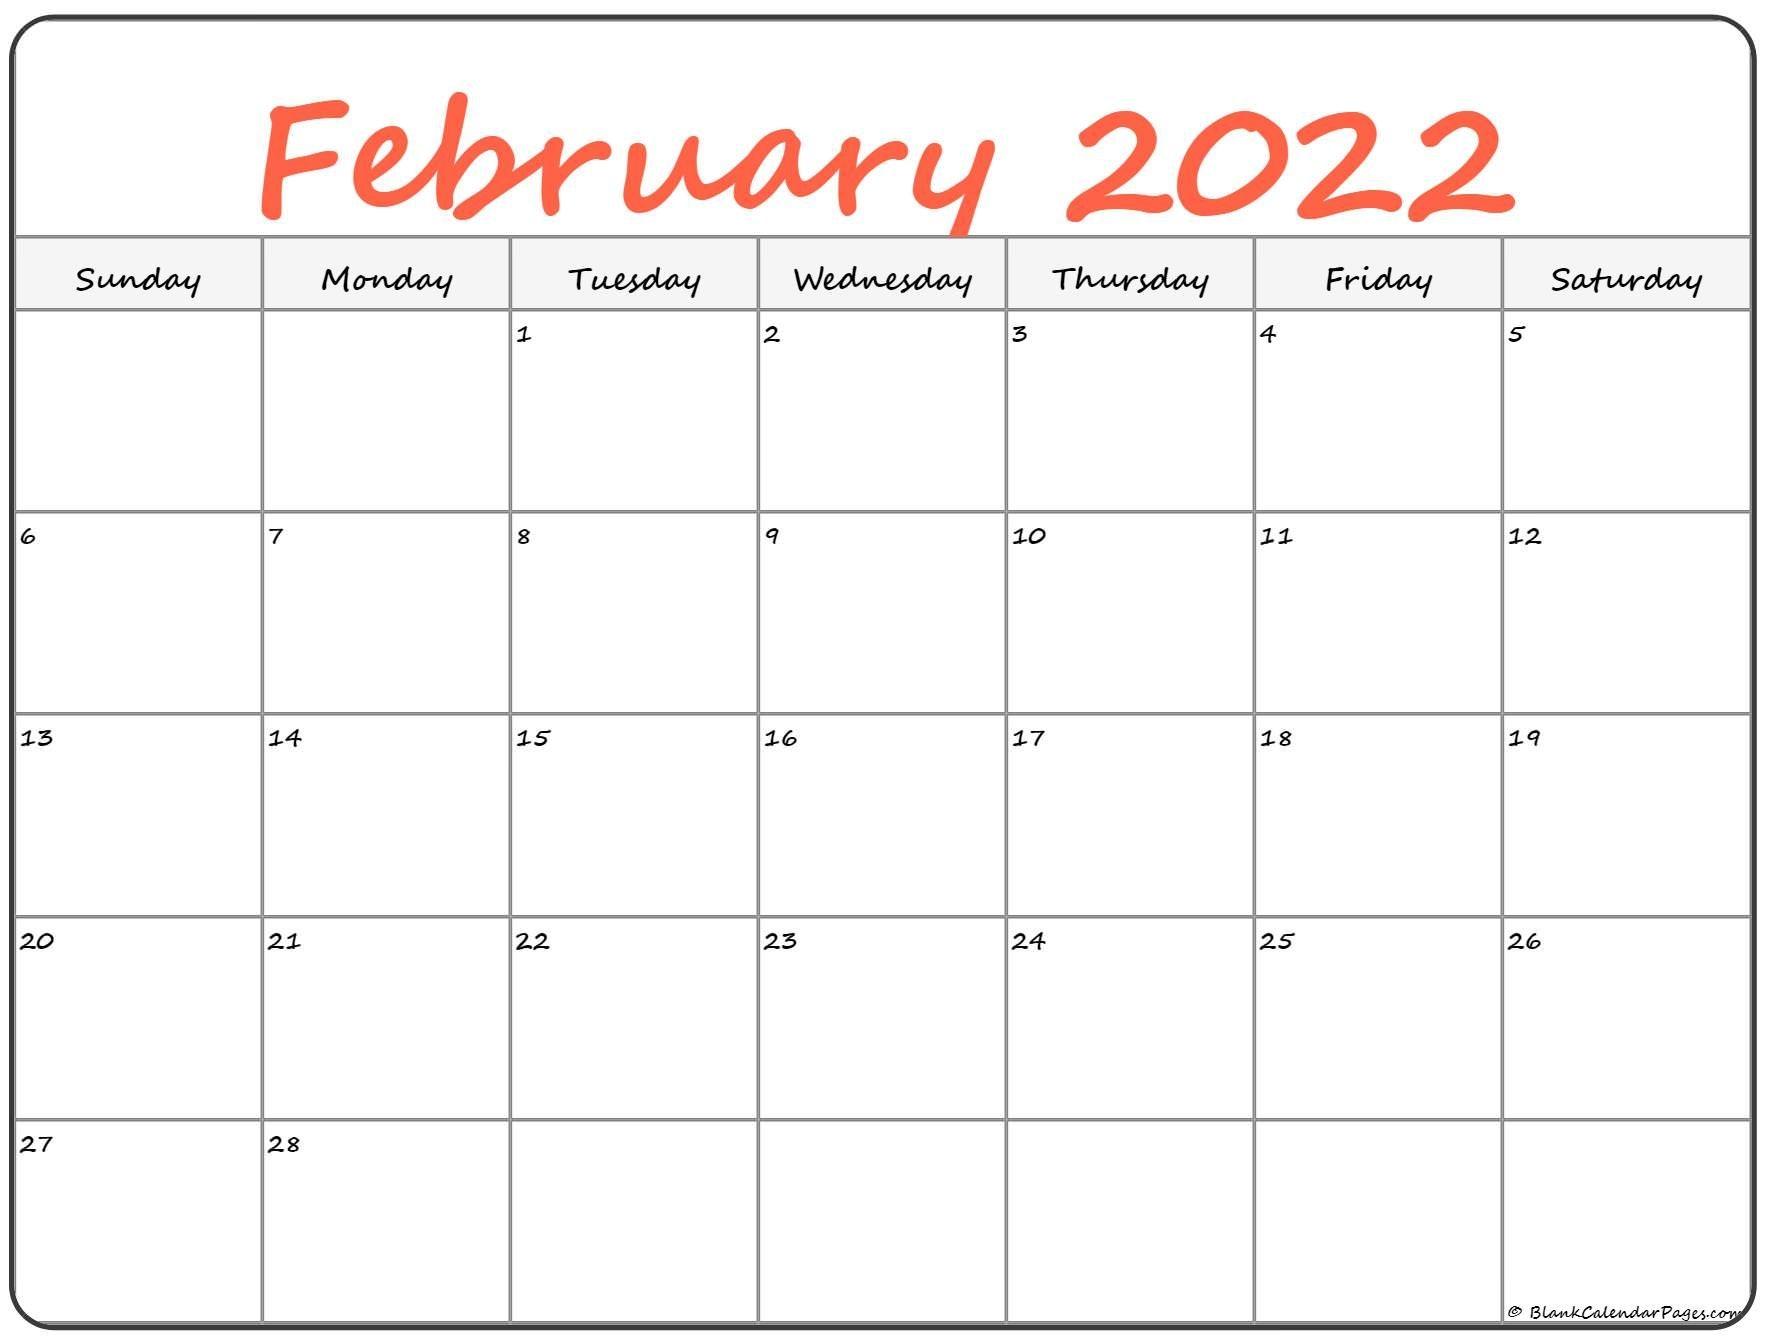 February 2022 Calendar | Free Printable Calendar Templates